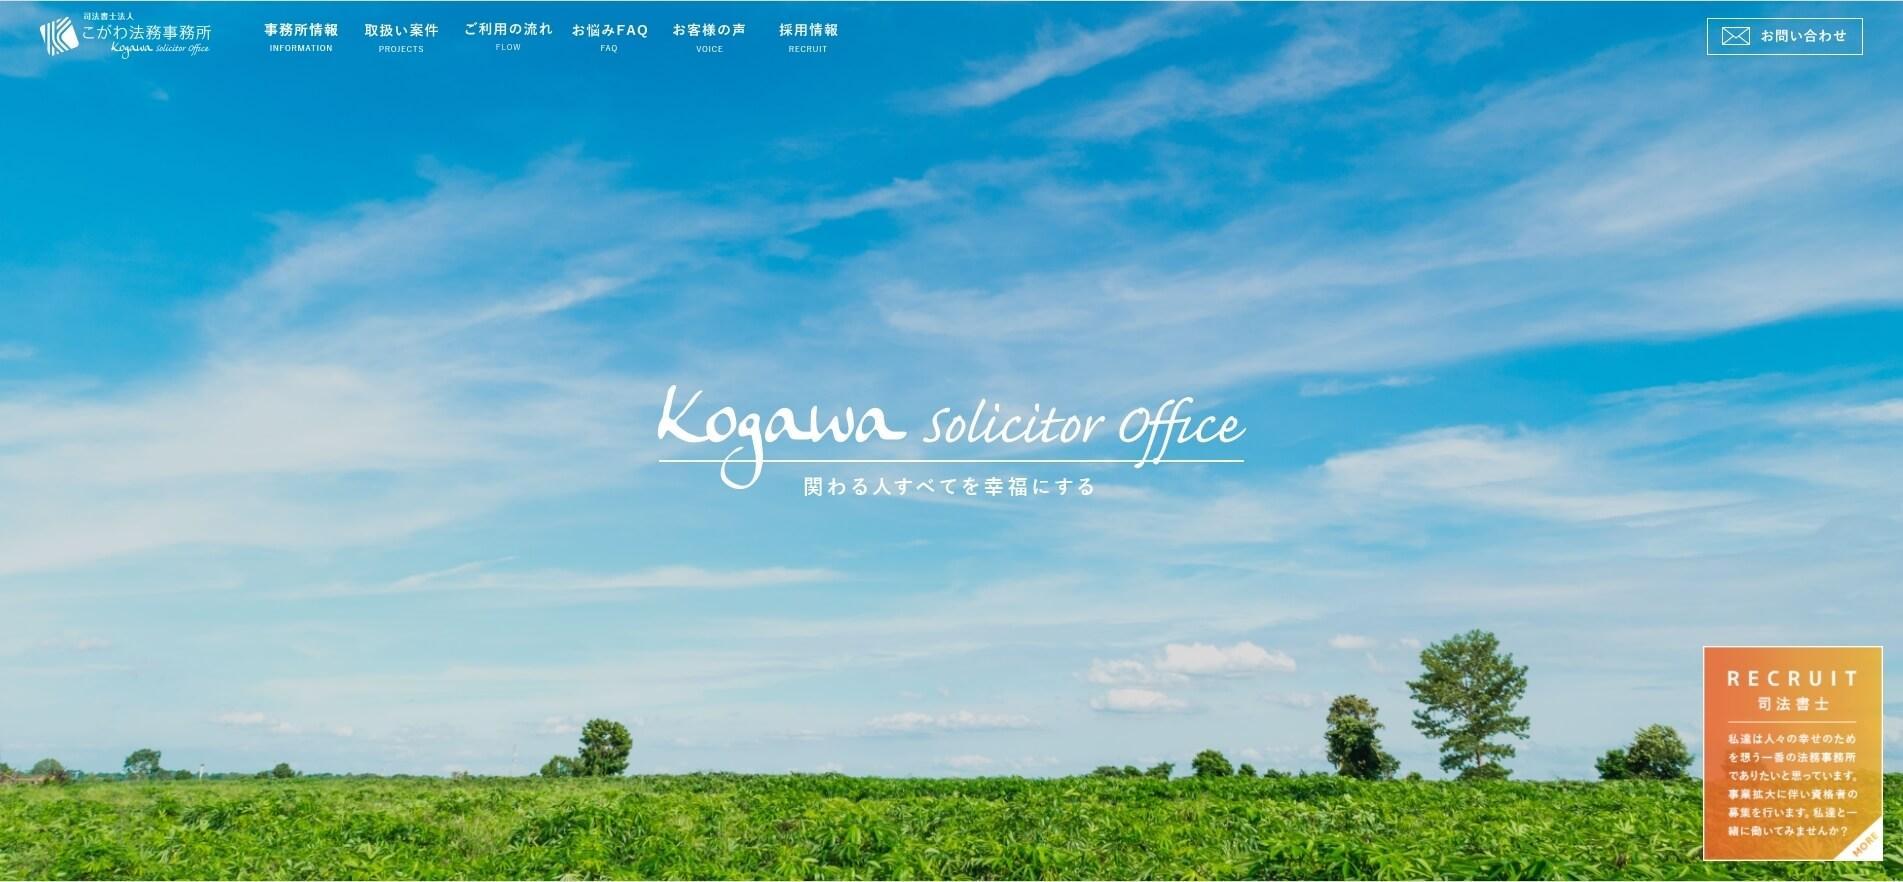 こがわ法務事務所の公式ホームページ